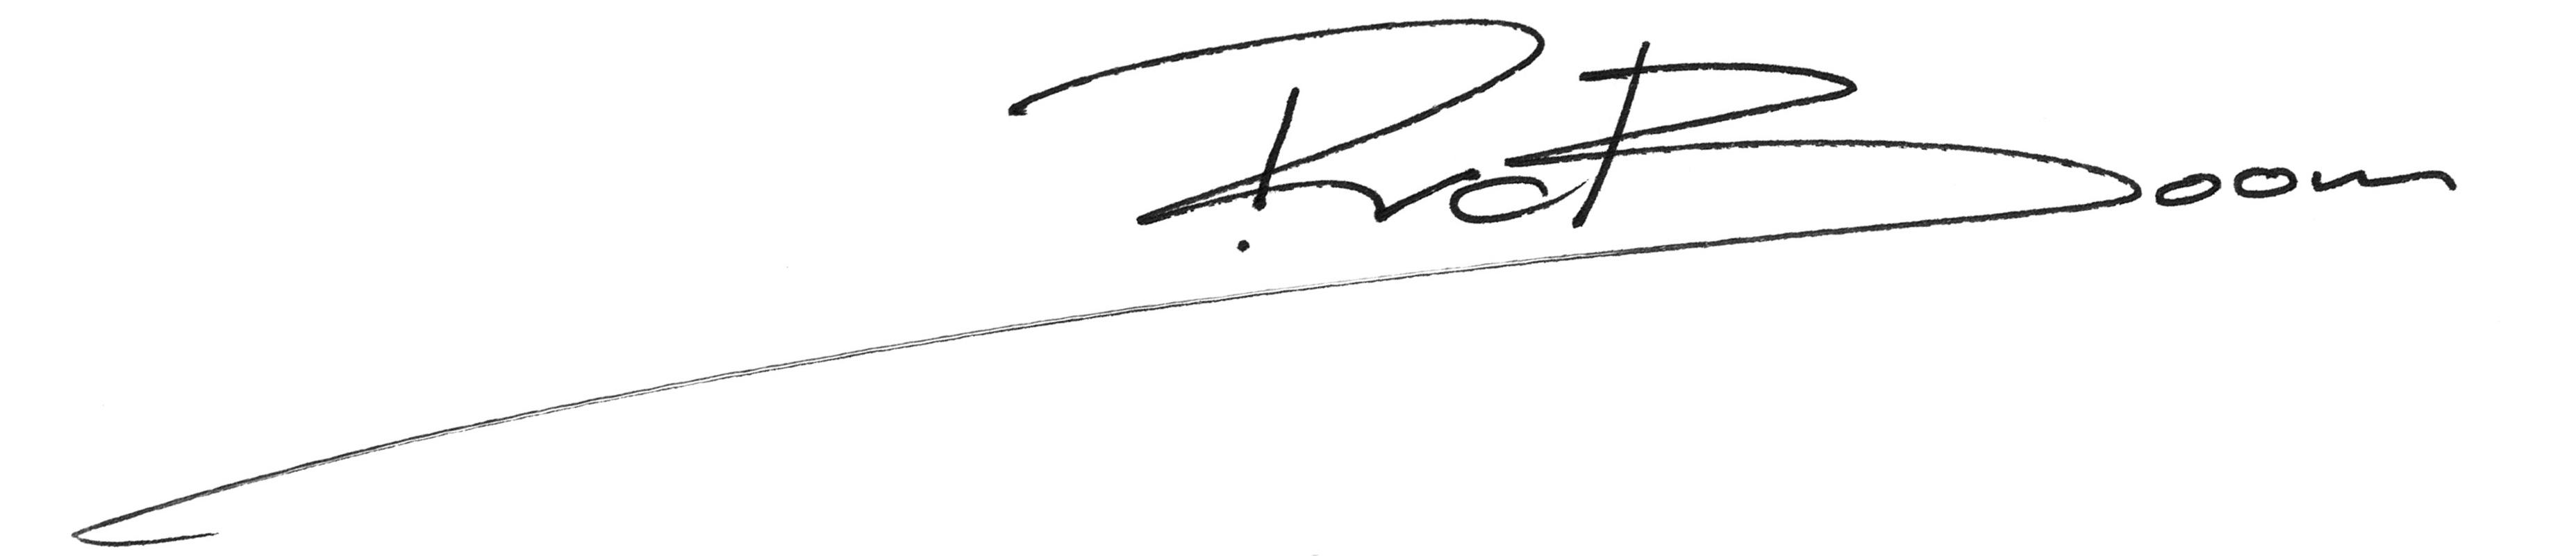 Handtekening RvdB